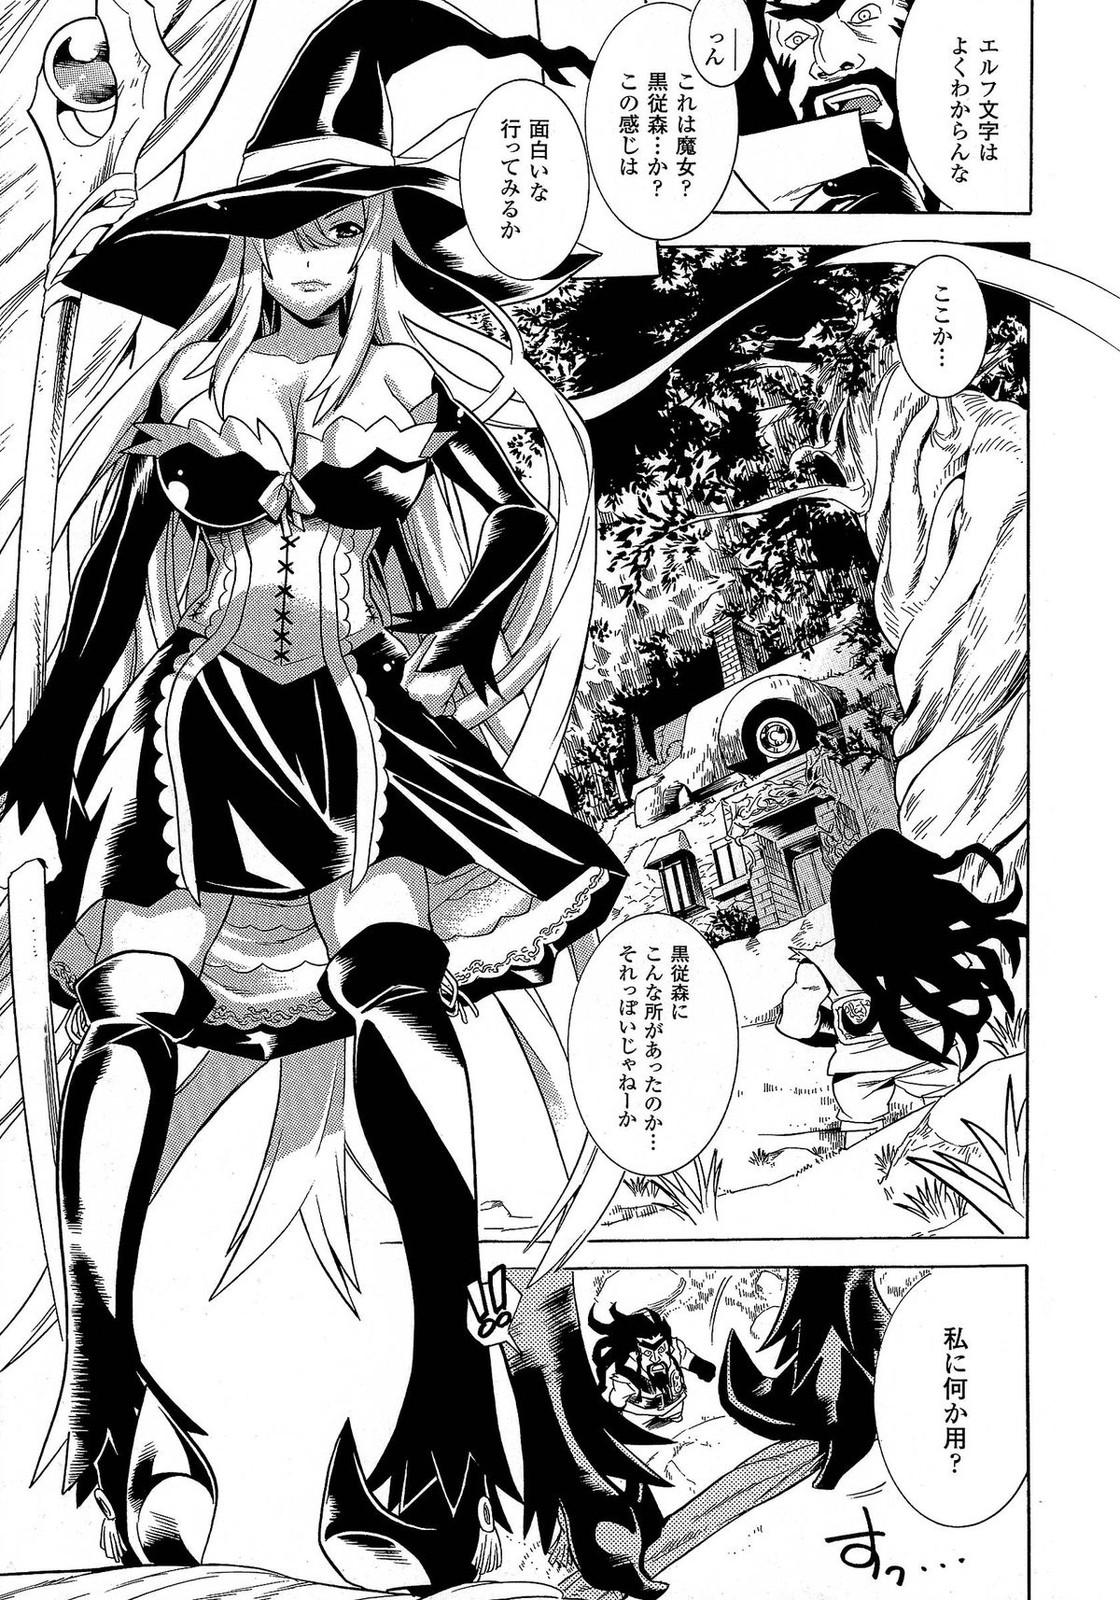 【エロ漫画】ゲスな男に魔力を封じられてしまった魔女…デカパイにチンポを挟まされ強制性奉仕www【天道まさえ:醜いはじまり】